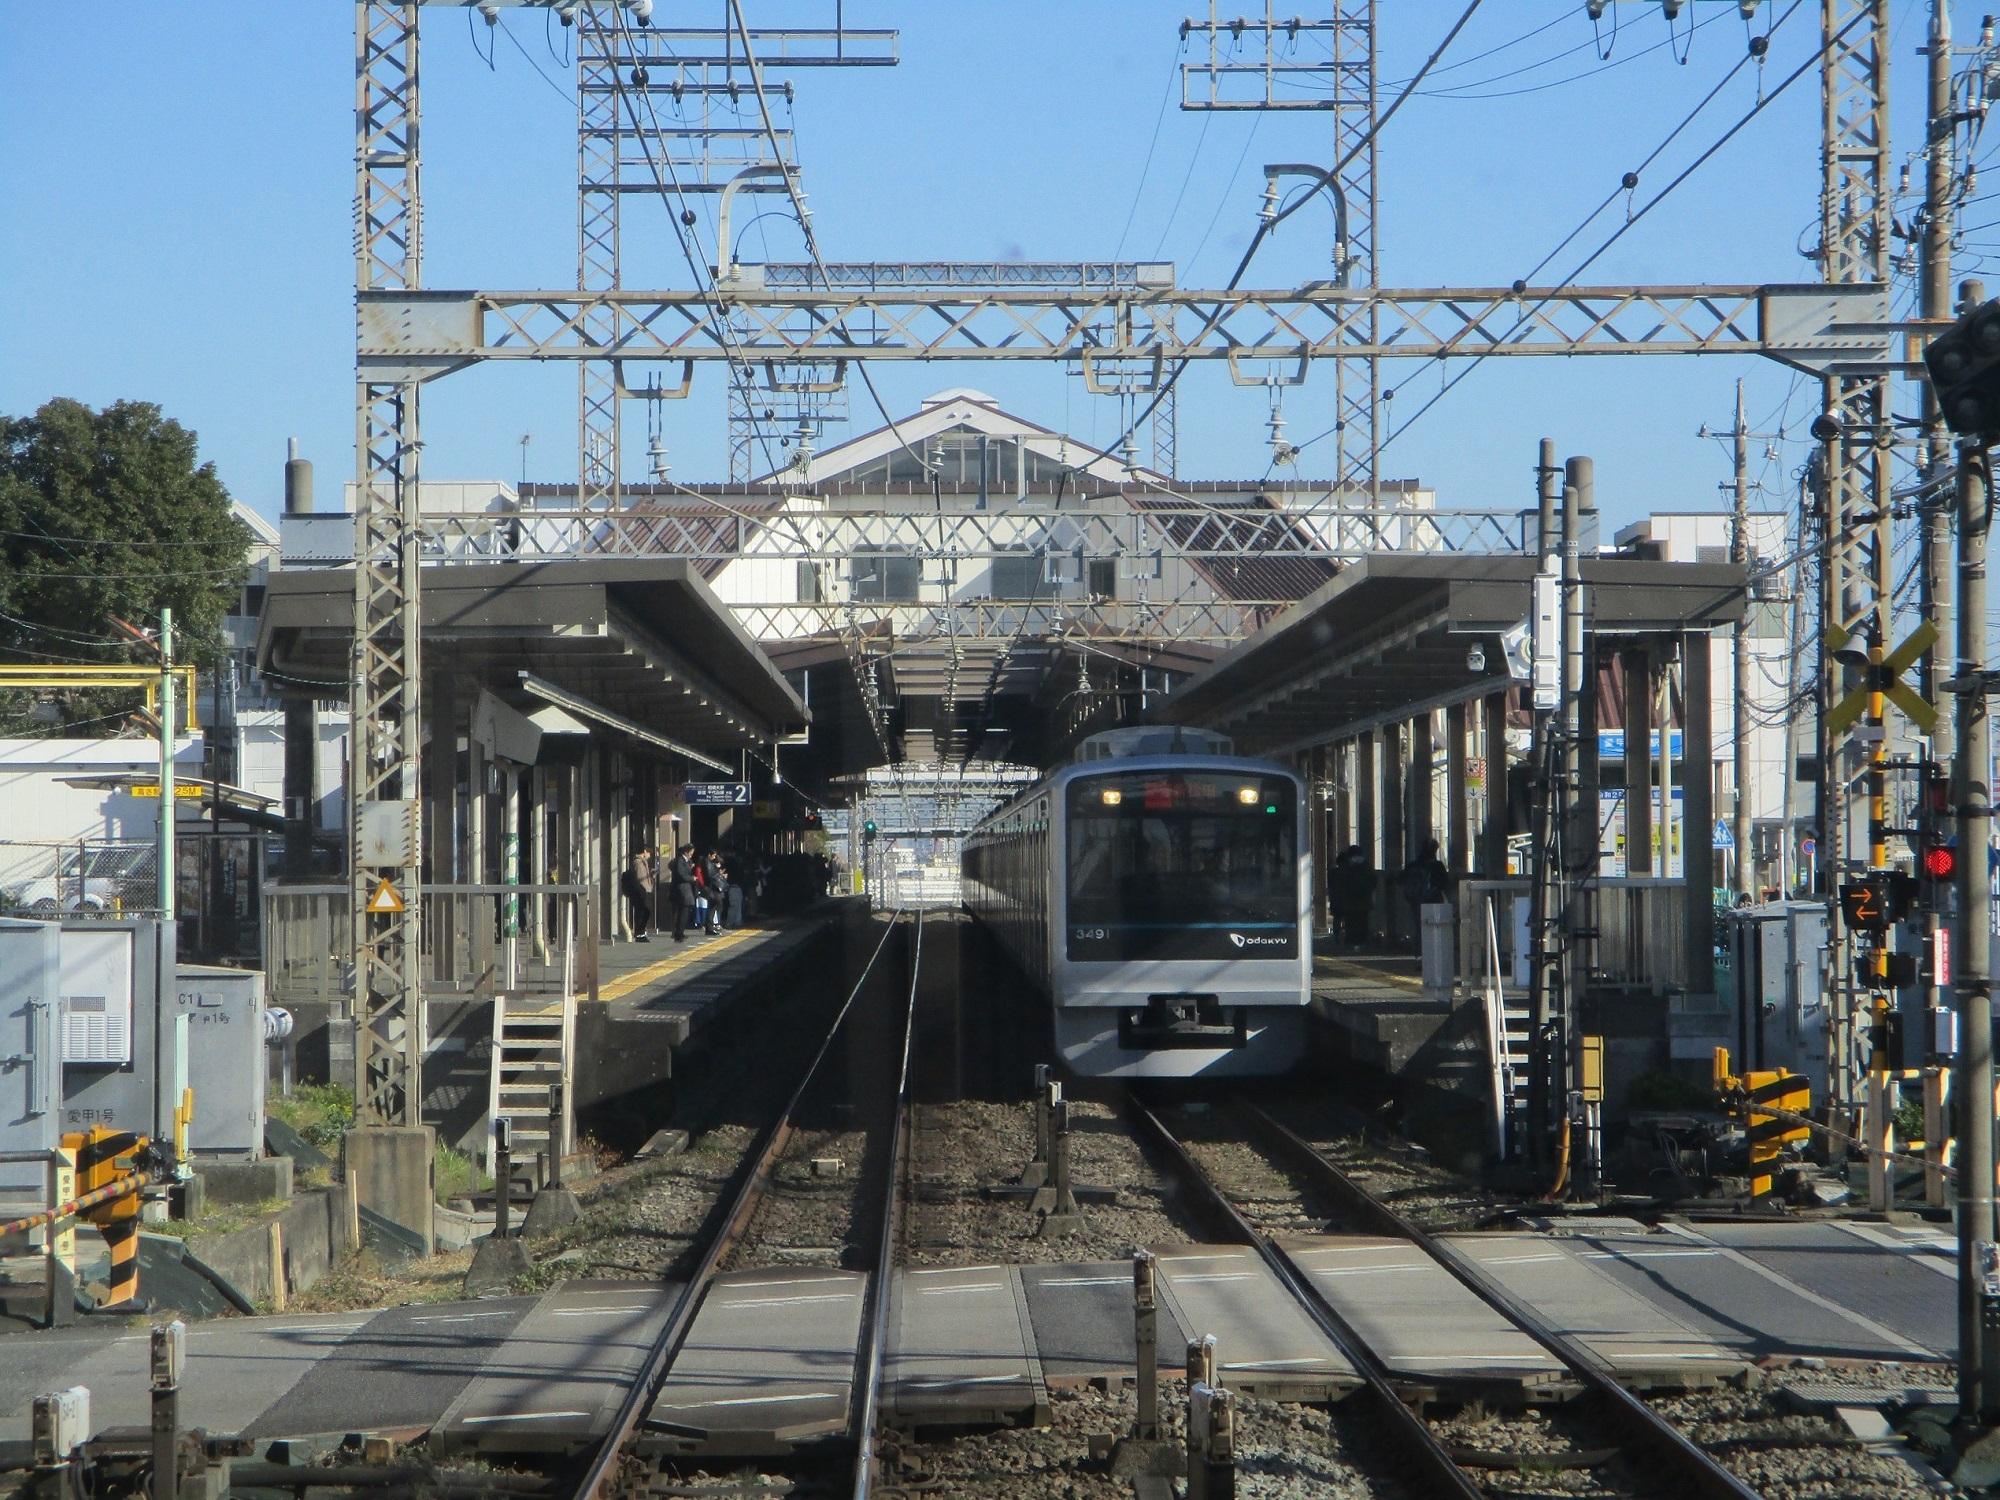 2019.12.16 (51) 新宿いき急行 - 愛甲石田 2000-1500